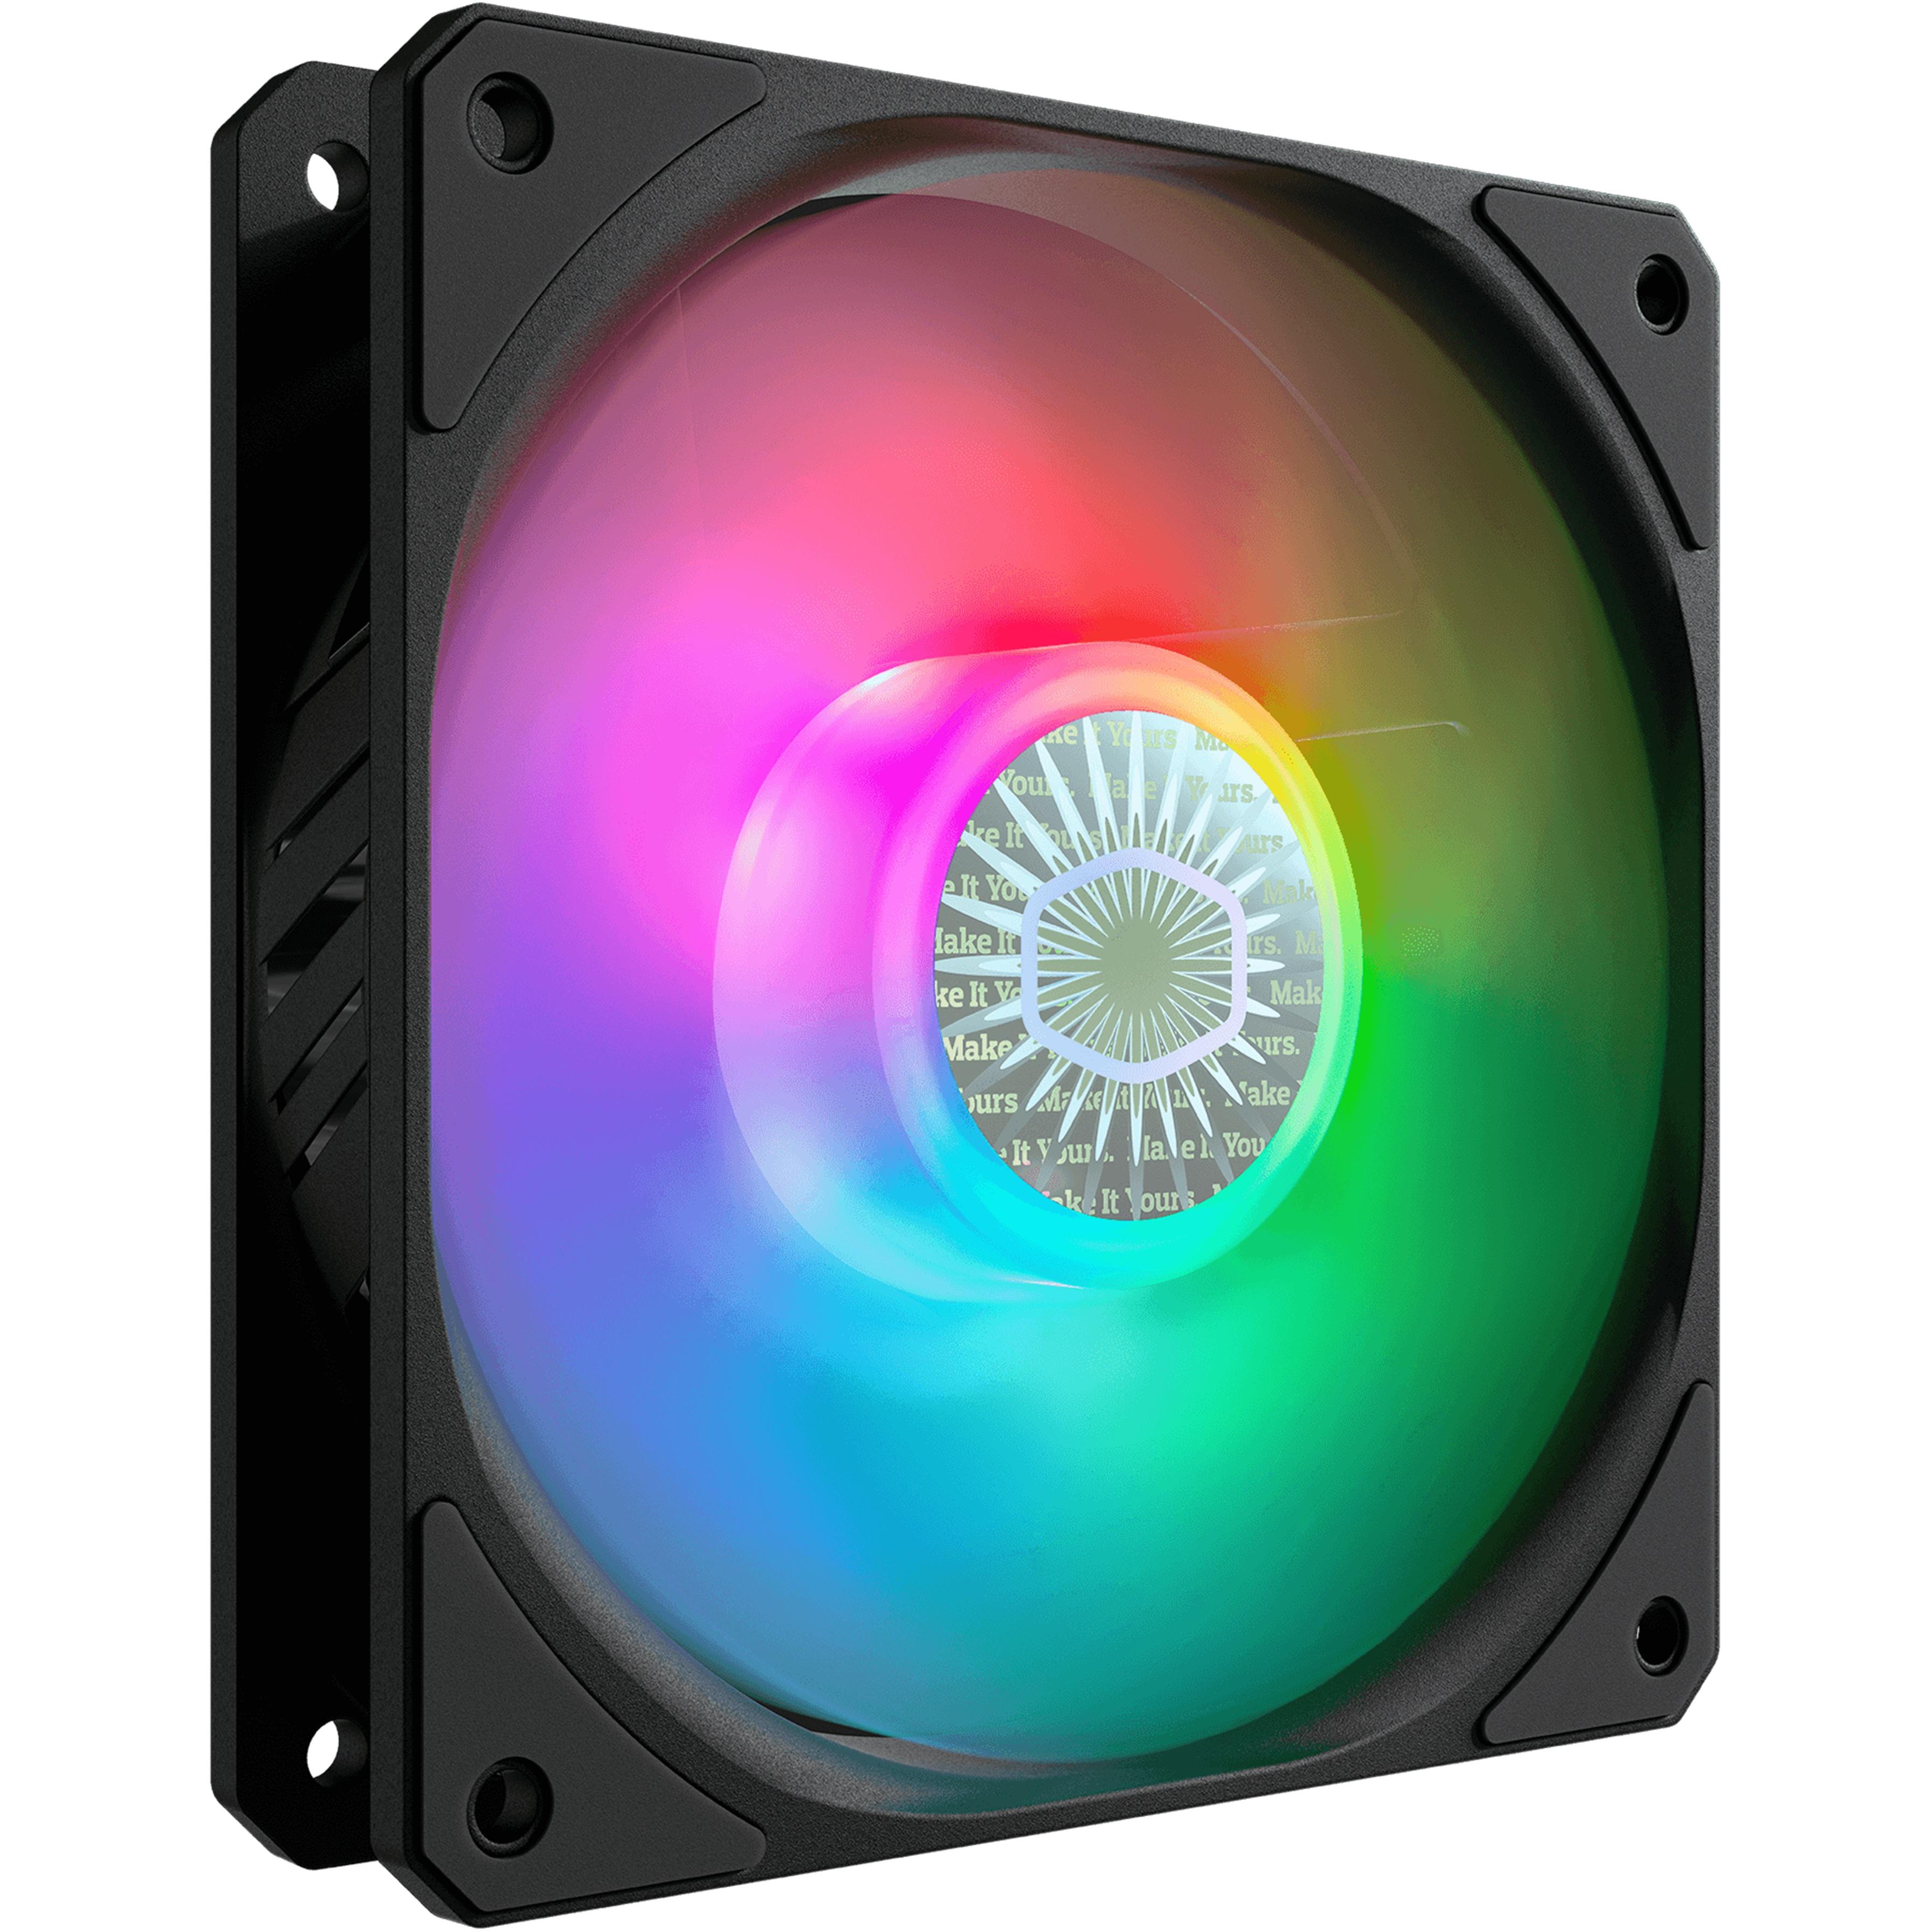 Ventola per case sickleflow 120 argb 120x120x25 4-pin (pwm) 3-pin argb